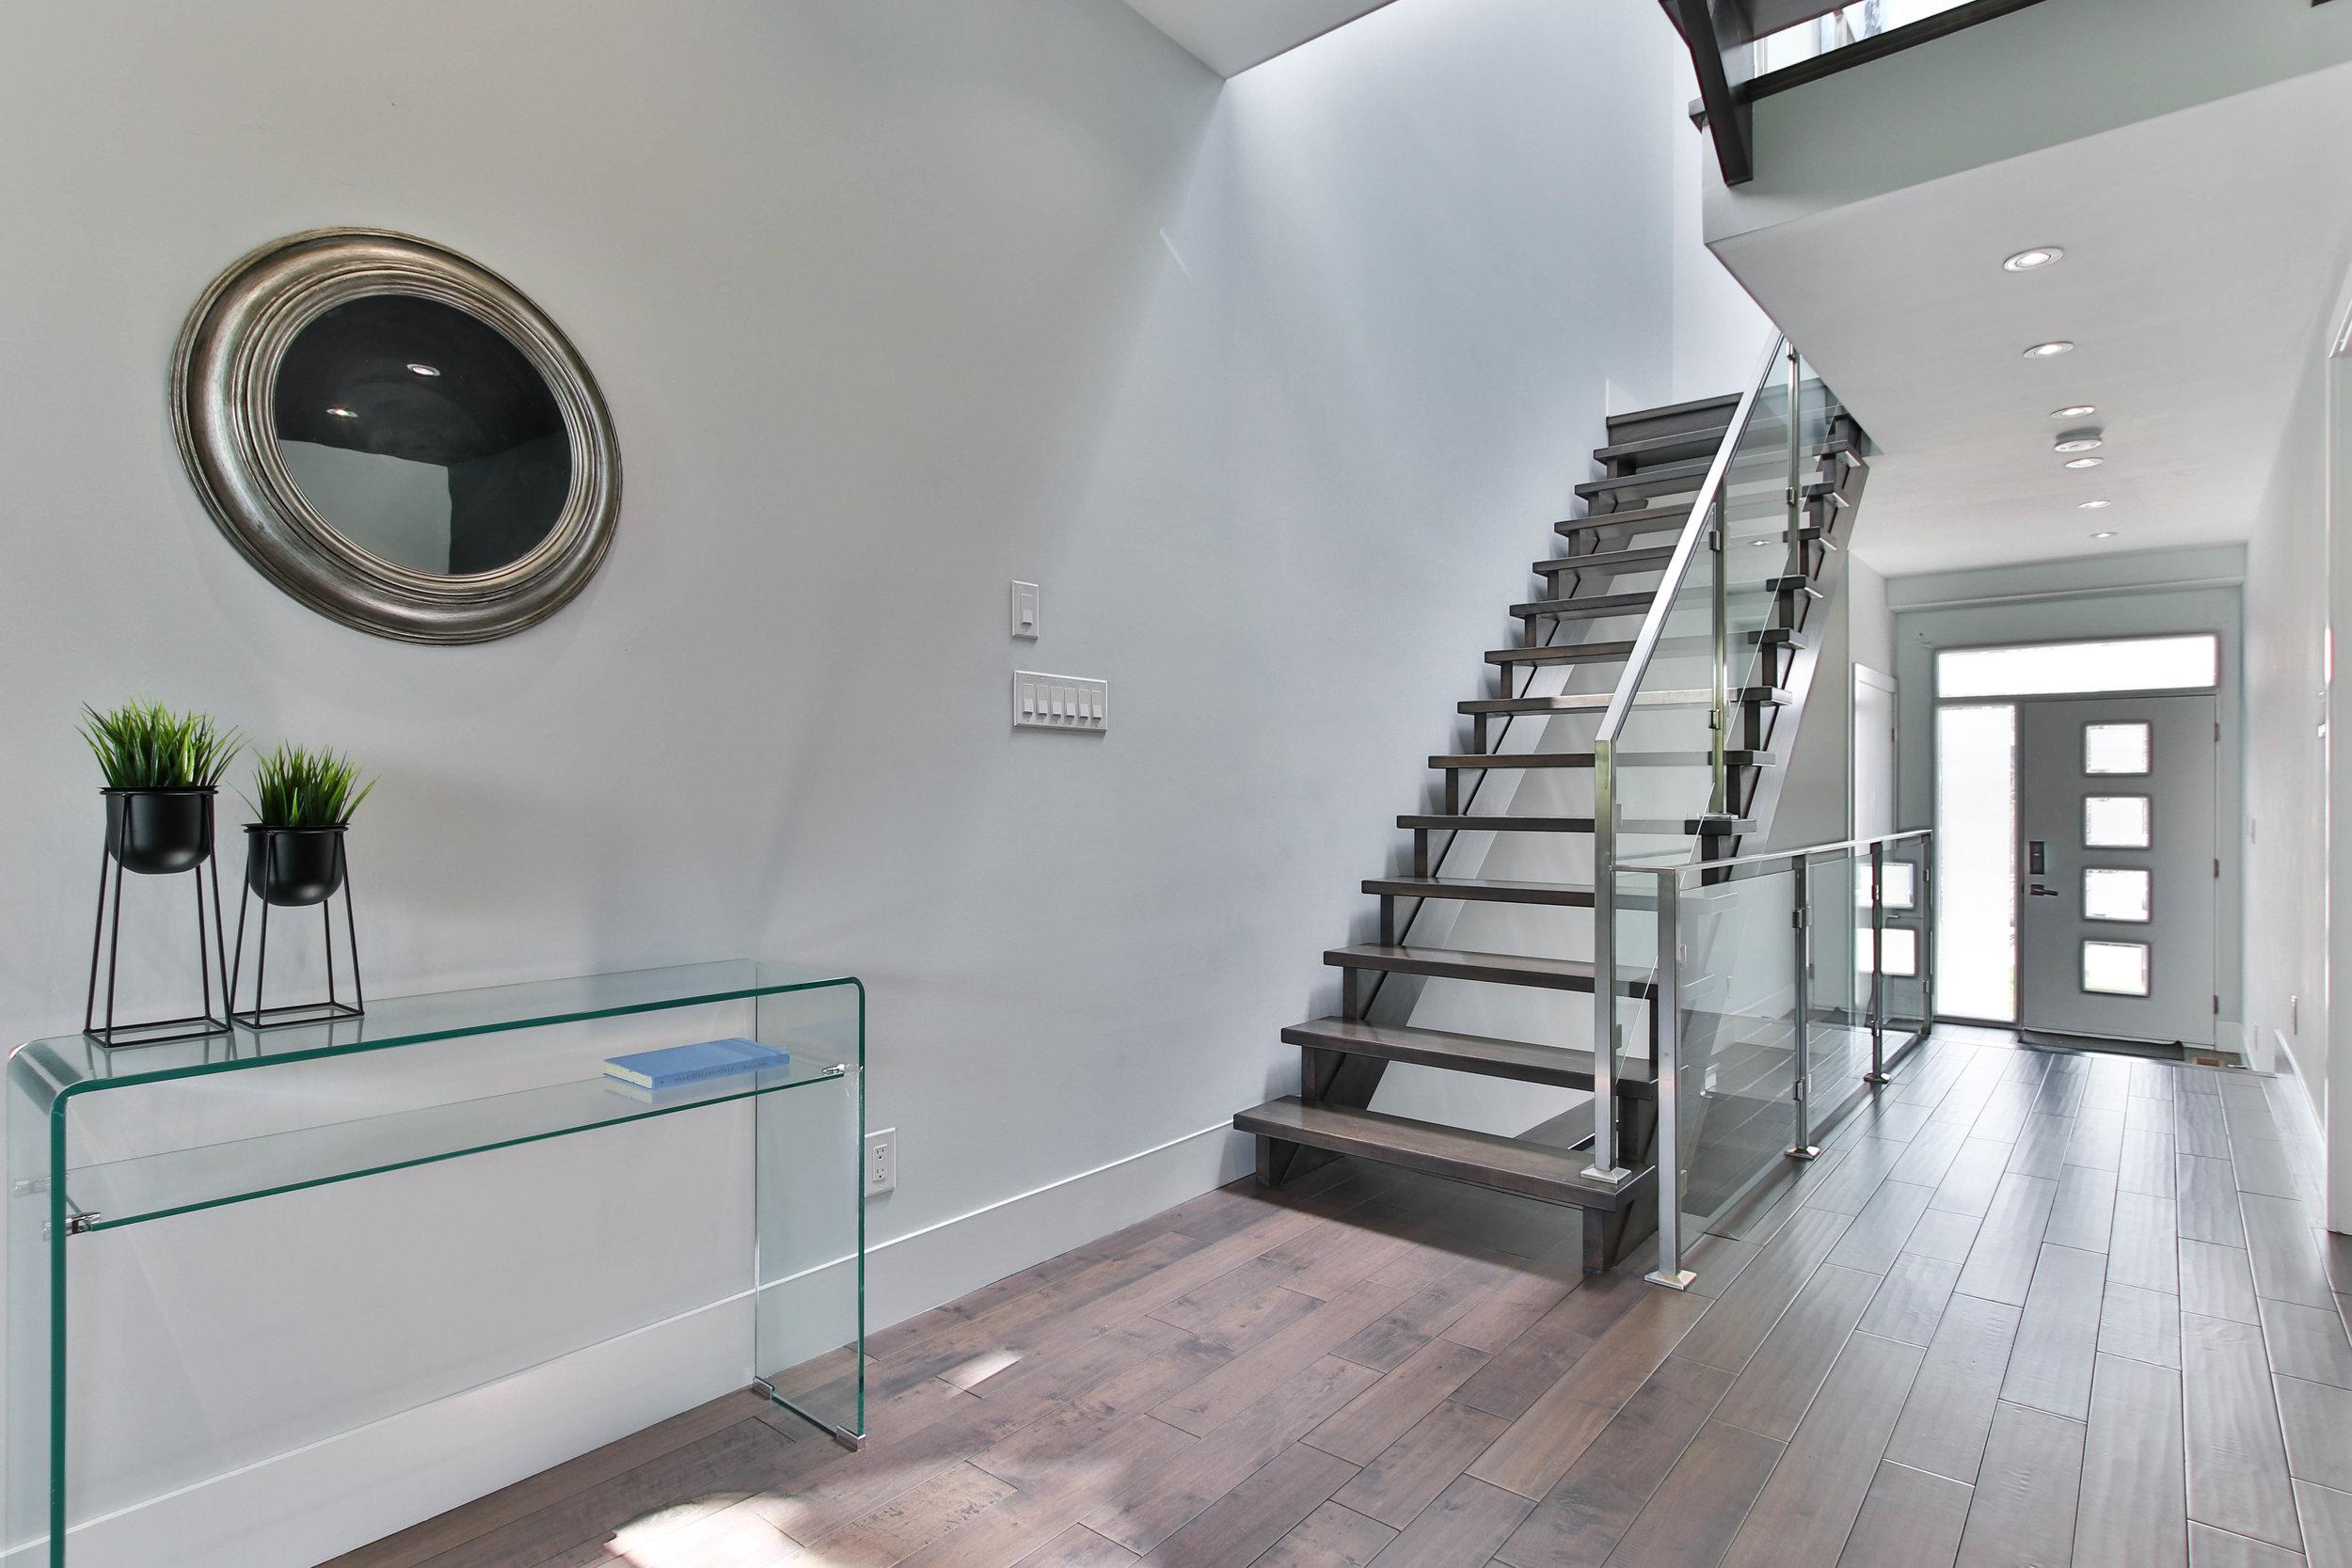 14_Foyer.jpg